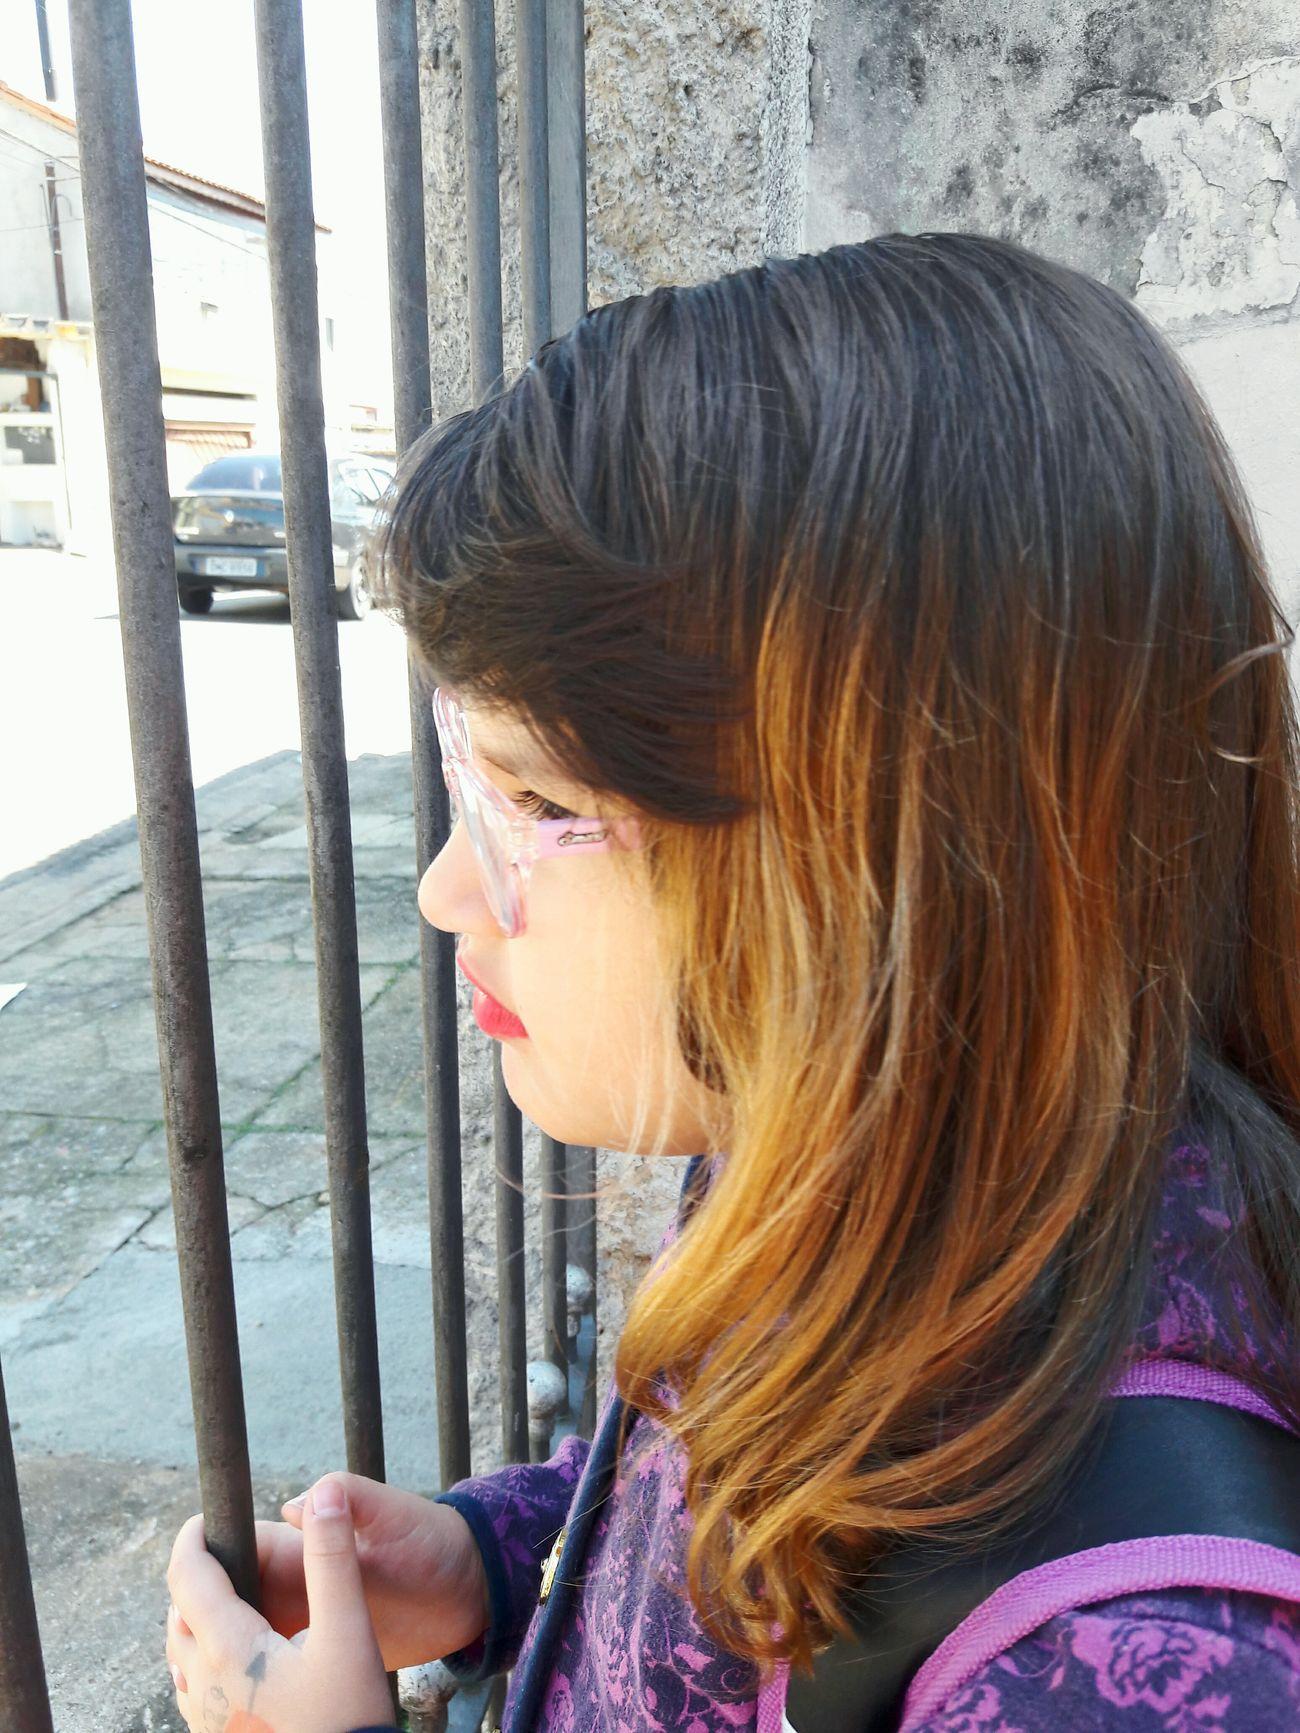 Hello World Mon Amour De Bébé AmorQueNãoSeMede ❤😍 AMOUR DE MA VIE Miamor ♡ Filha ♥ MiVida❤💚